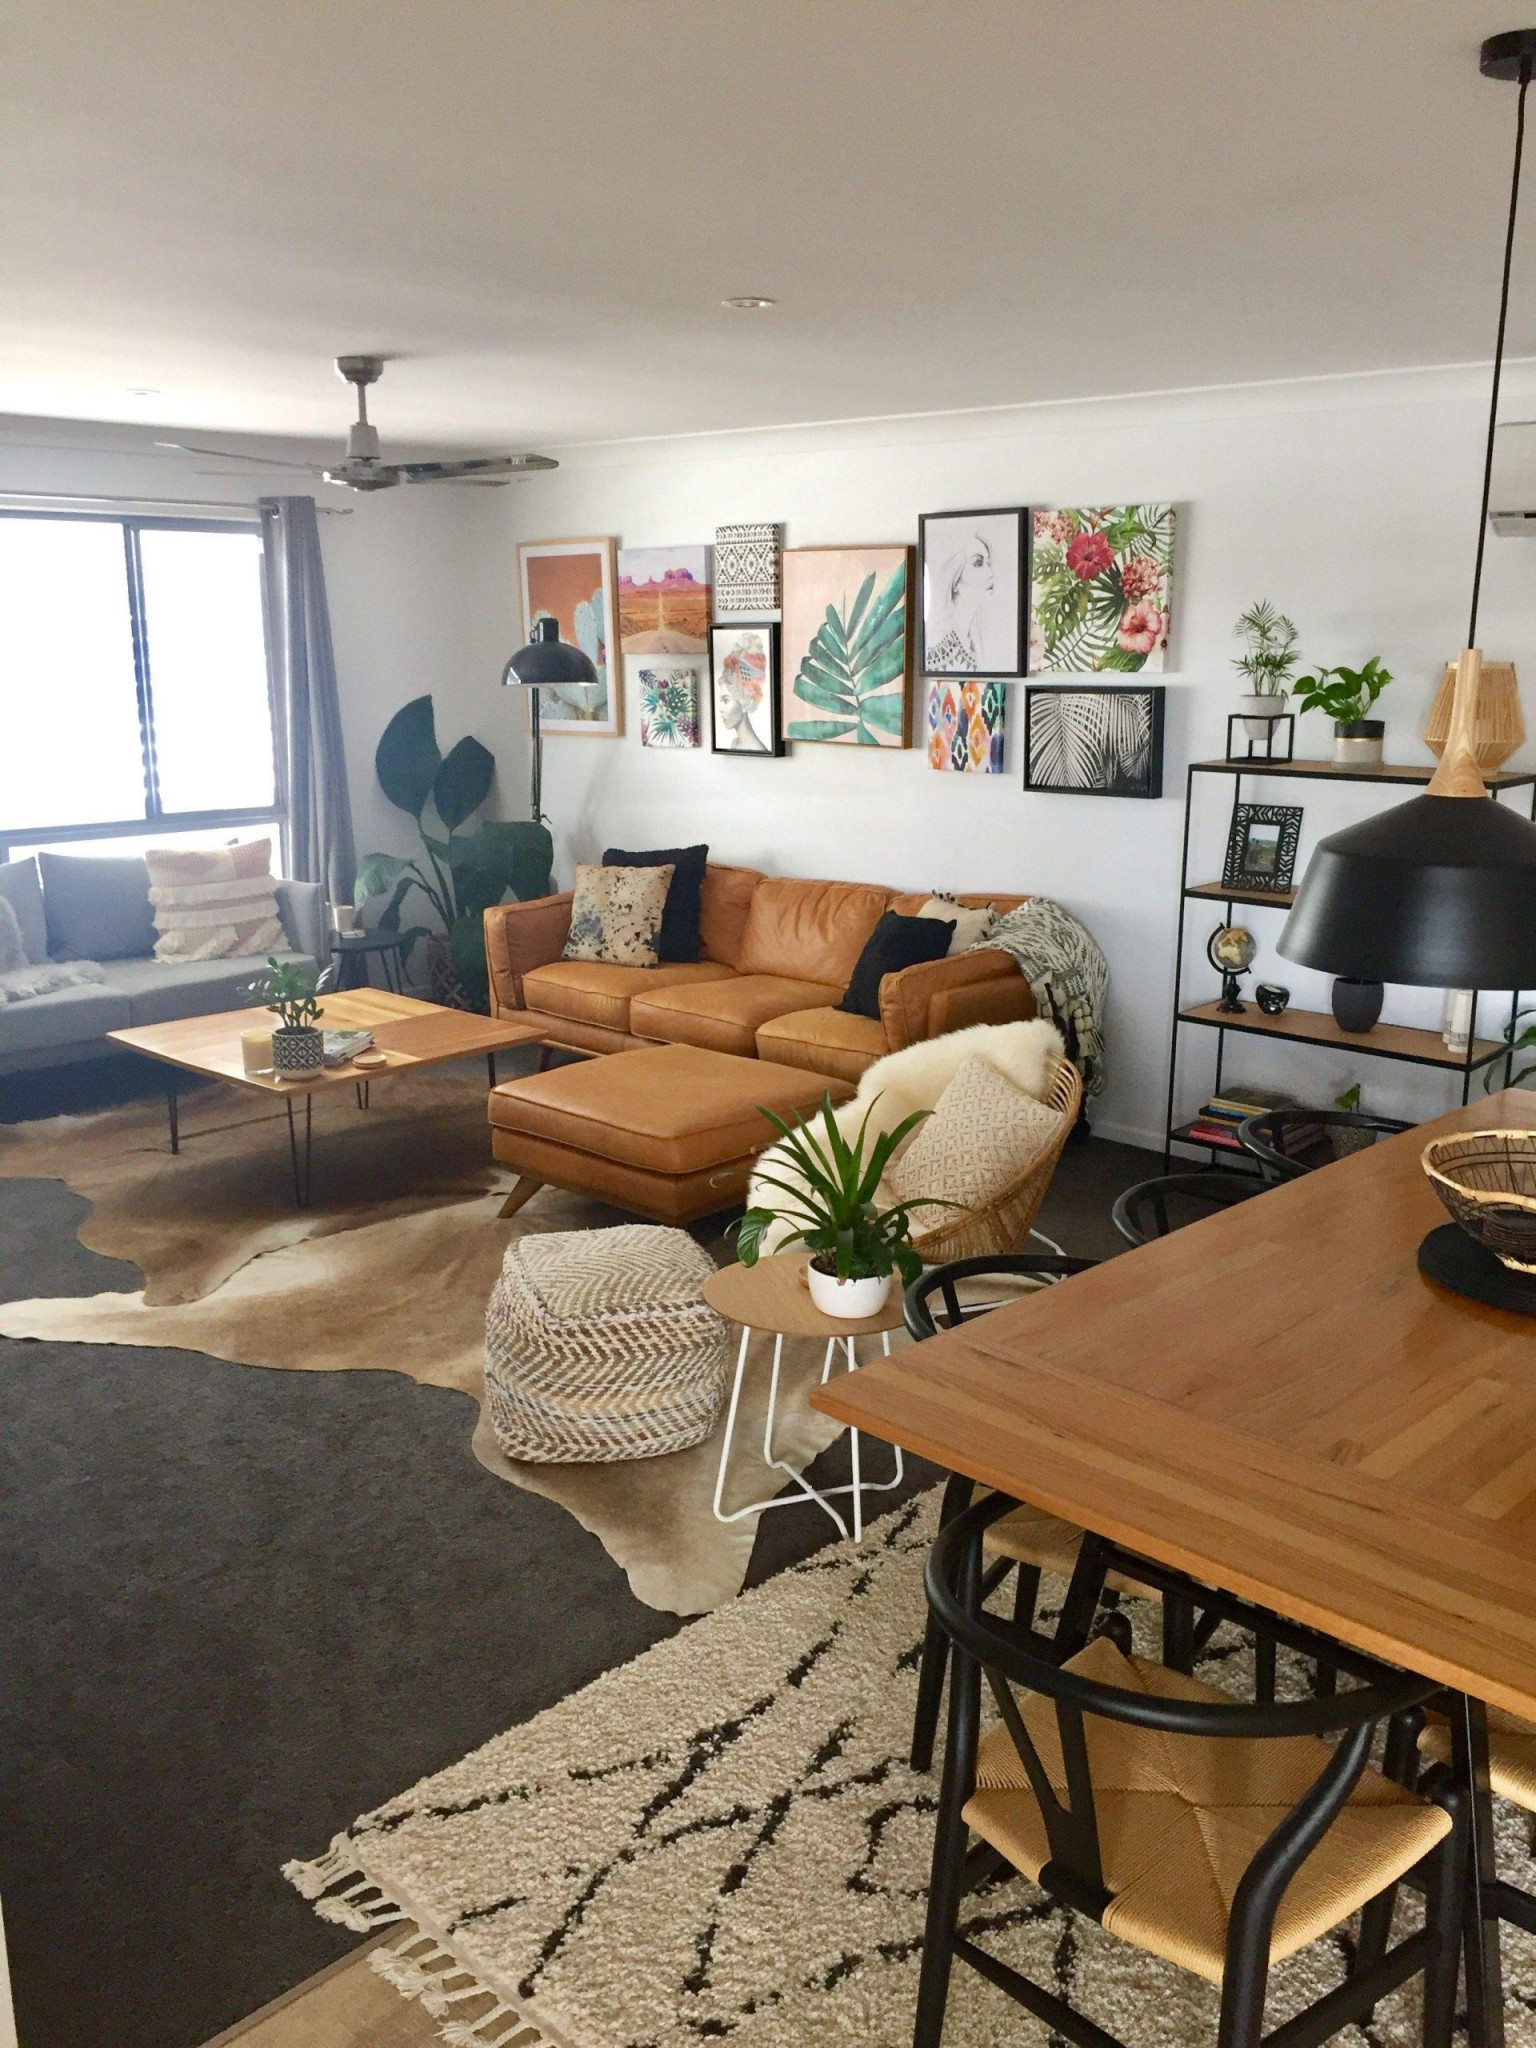 25 Elegant Boho Wohnzimmer Elegant  Wohnzimmer Frisch von Wohnzimmer Ideen Boho Photo